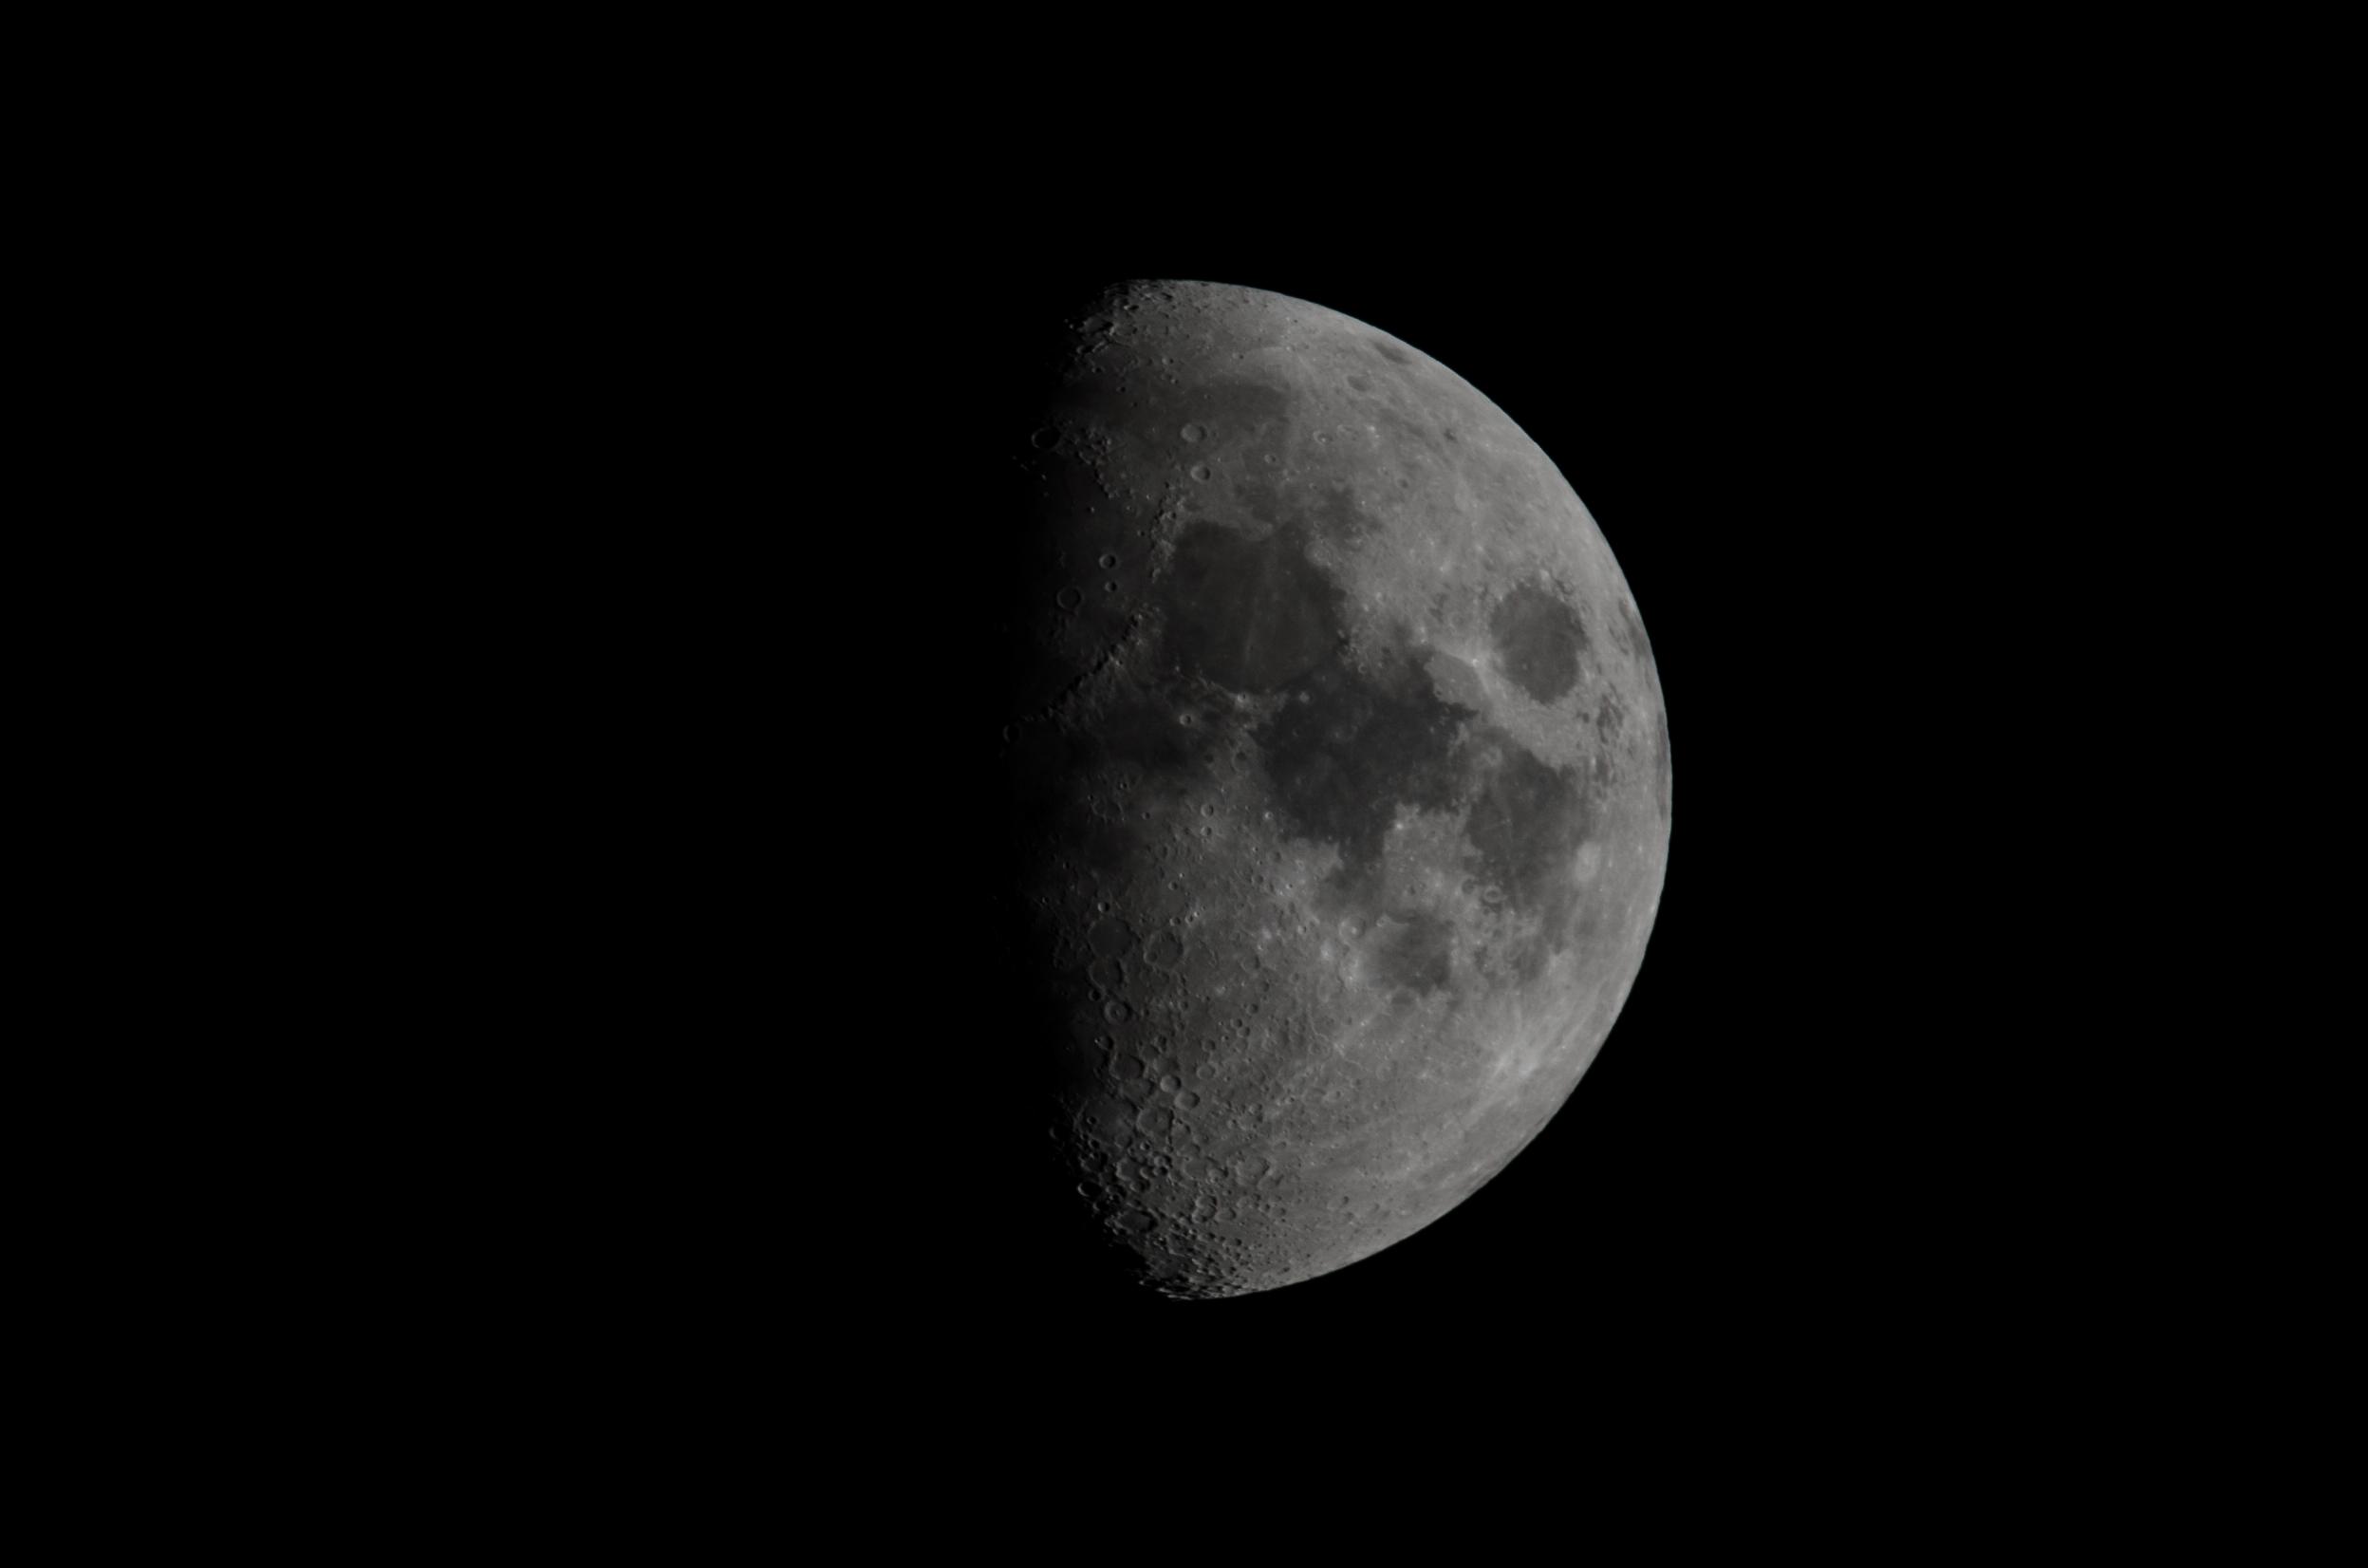 Waxing Moon  Nixon D7000 ISO 100 600mm f/14 1/125 sec.